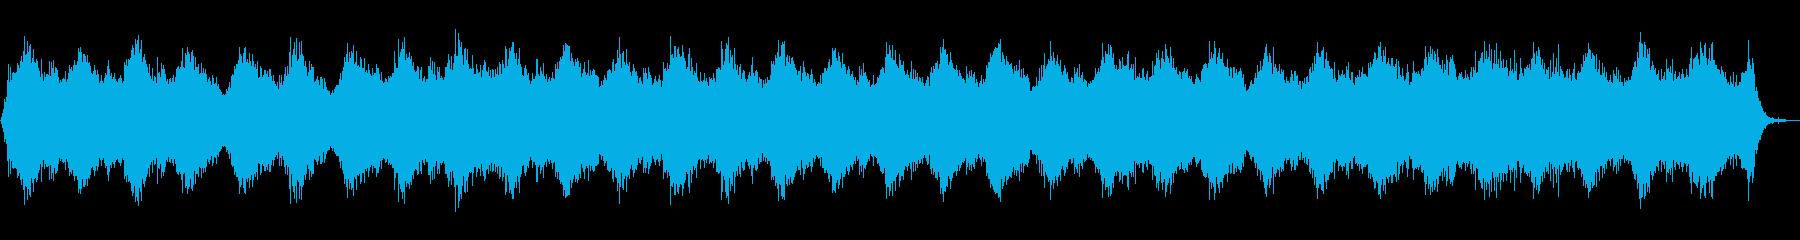 ラウンジ まったり 新世紀実験 ア...の再生済みの波形